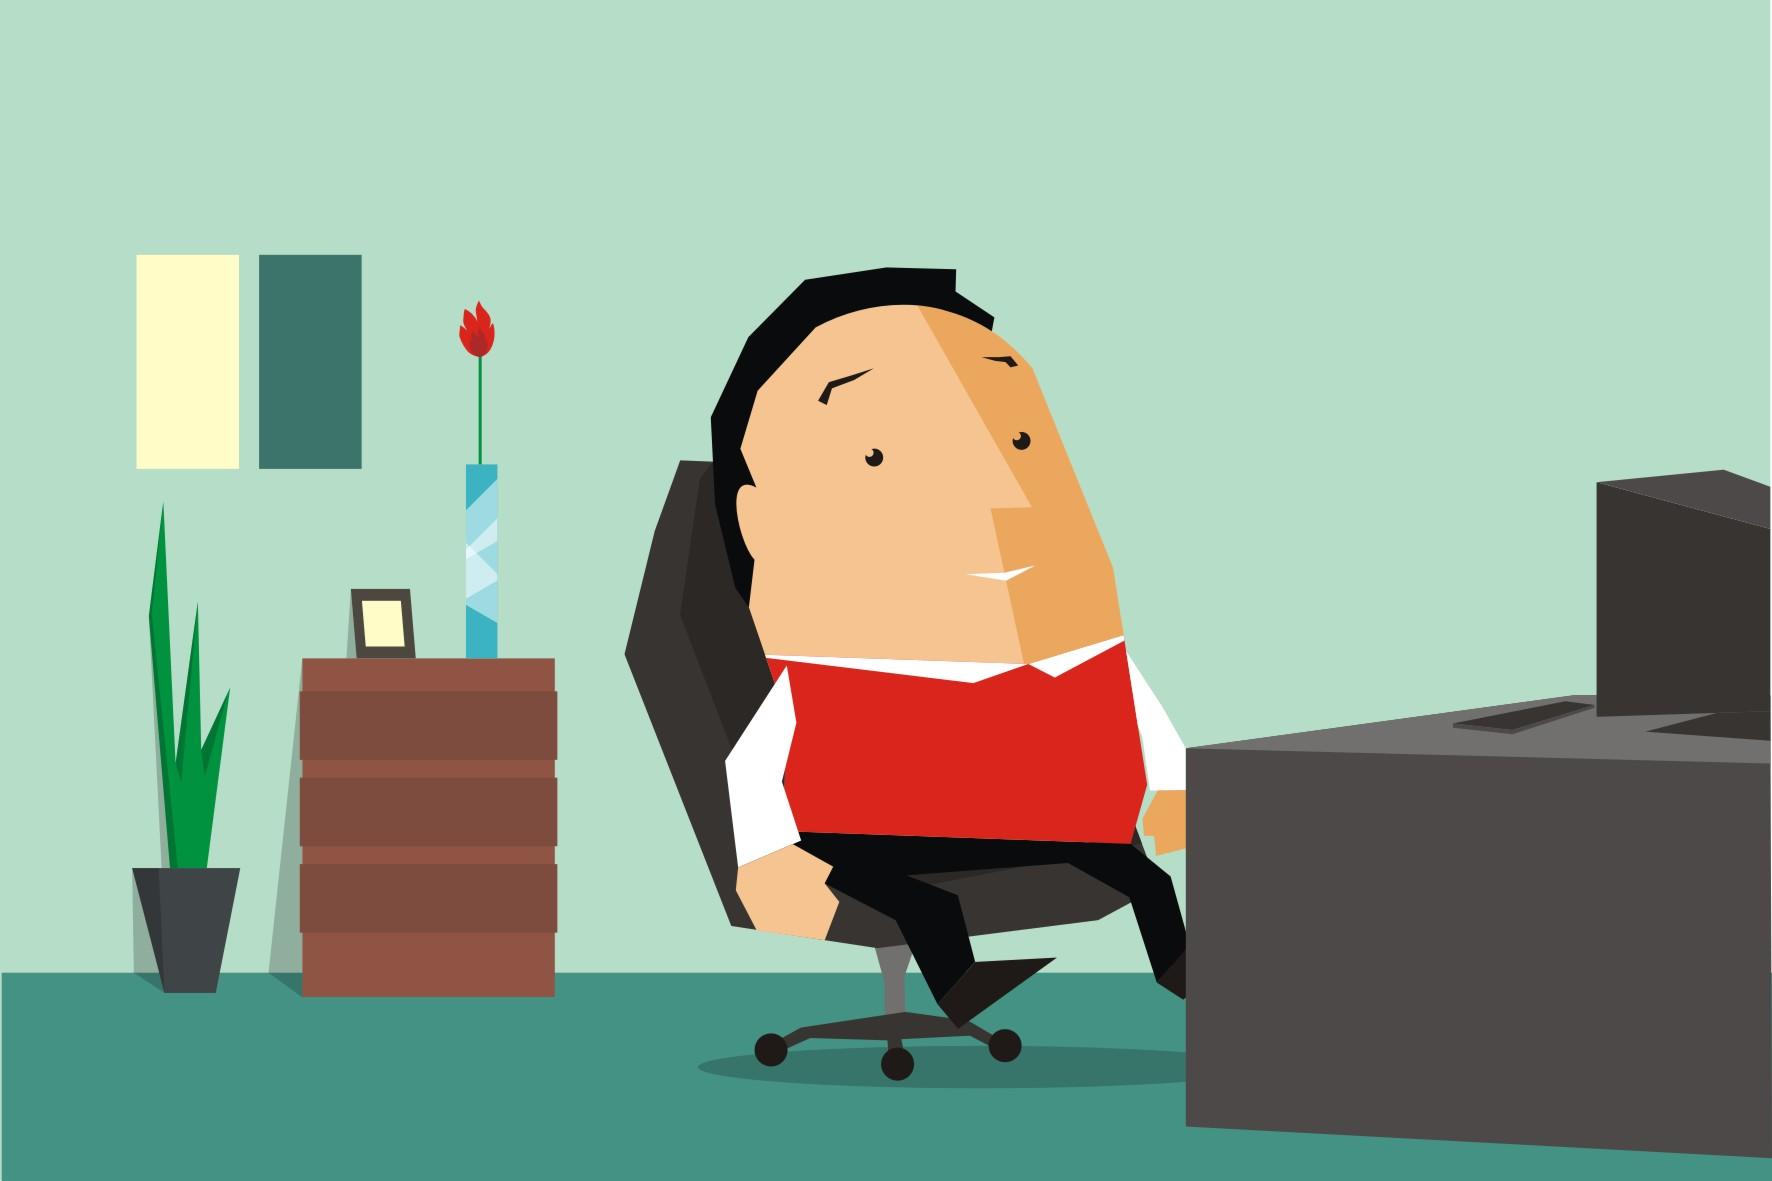 Terlalu banyak duduk bisa tingkatkan rasa khawatir, percaya nggak?